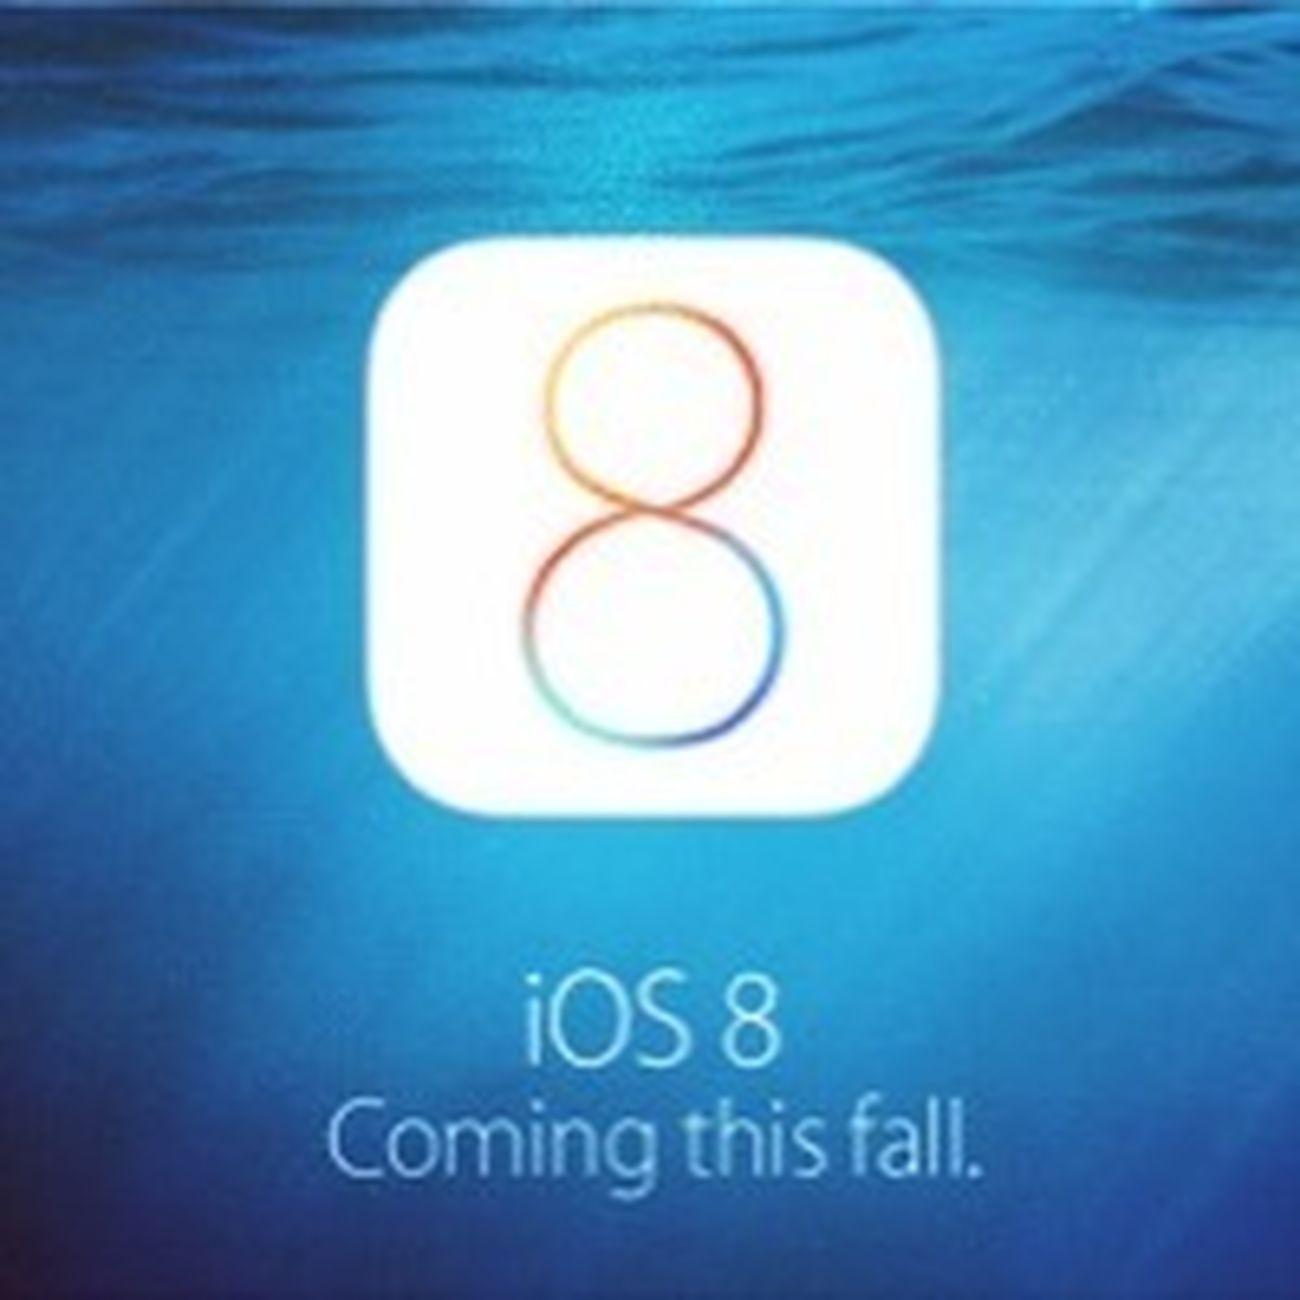 iOS-Nutzer dürfen sich auf den Herbst freuen, denn dann kommt iOS 8 mit einer Menge neuen Funktionen! Unter anderem mit Gesundheits-App, interaktiven Benachrichtigungen, Continuity, Homekit und vielem mehr! WWDC IOs8